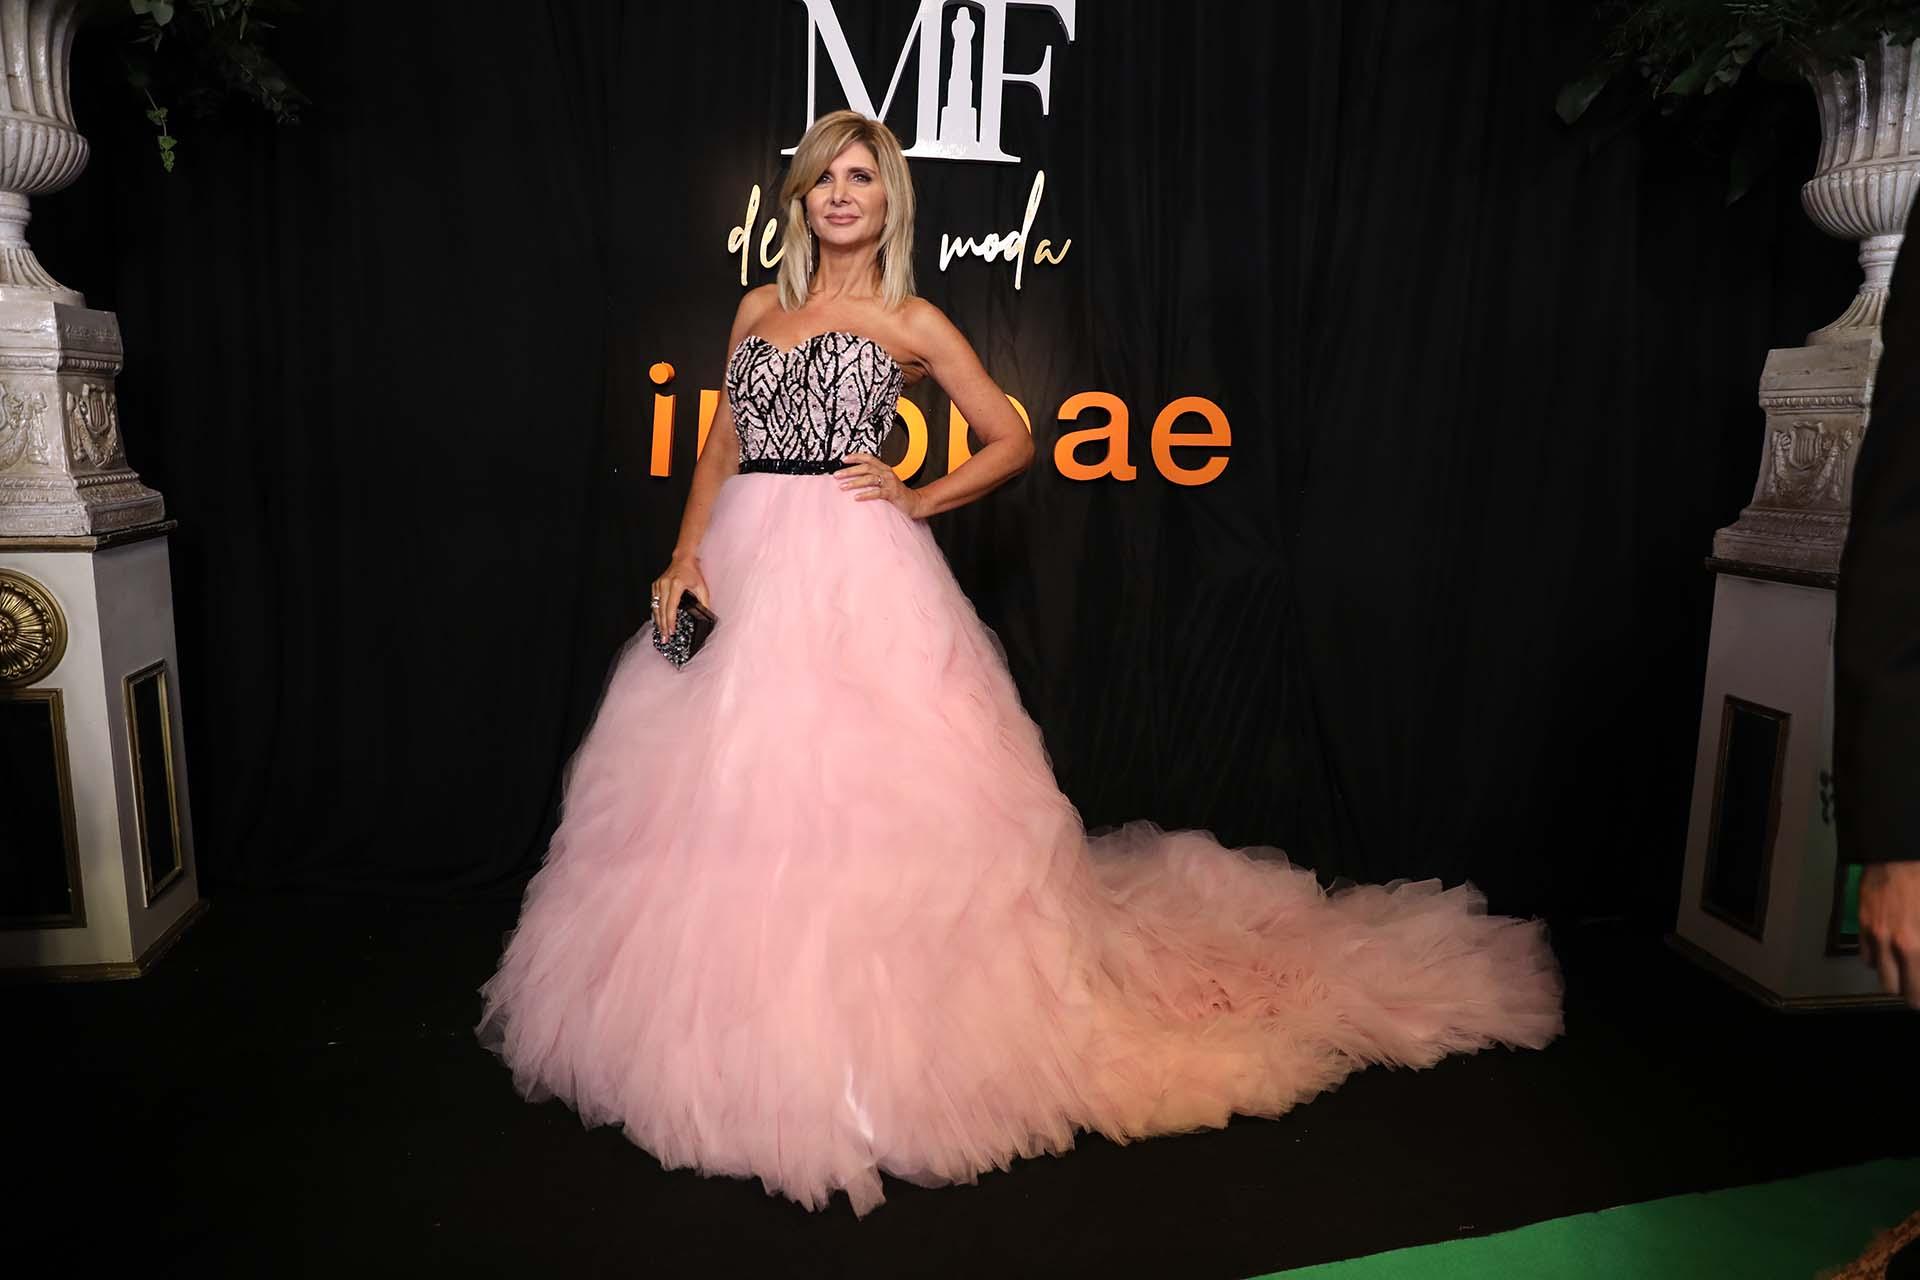 La periodista Debora Plager, vestida por Claudio Cosano con un vestido rosa y negro, con una gran cola, joyas de Bartolomé que acompañan en armonía el diseño